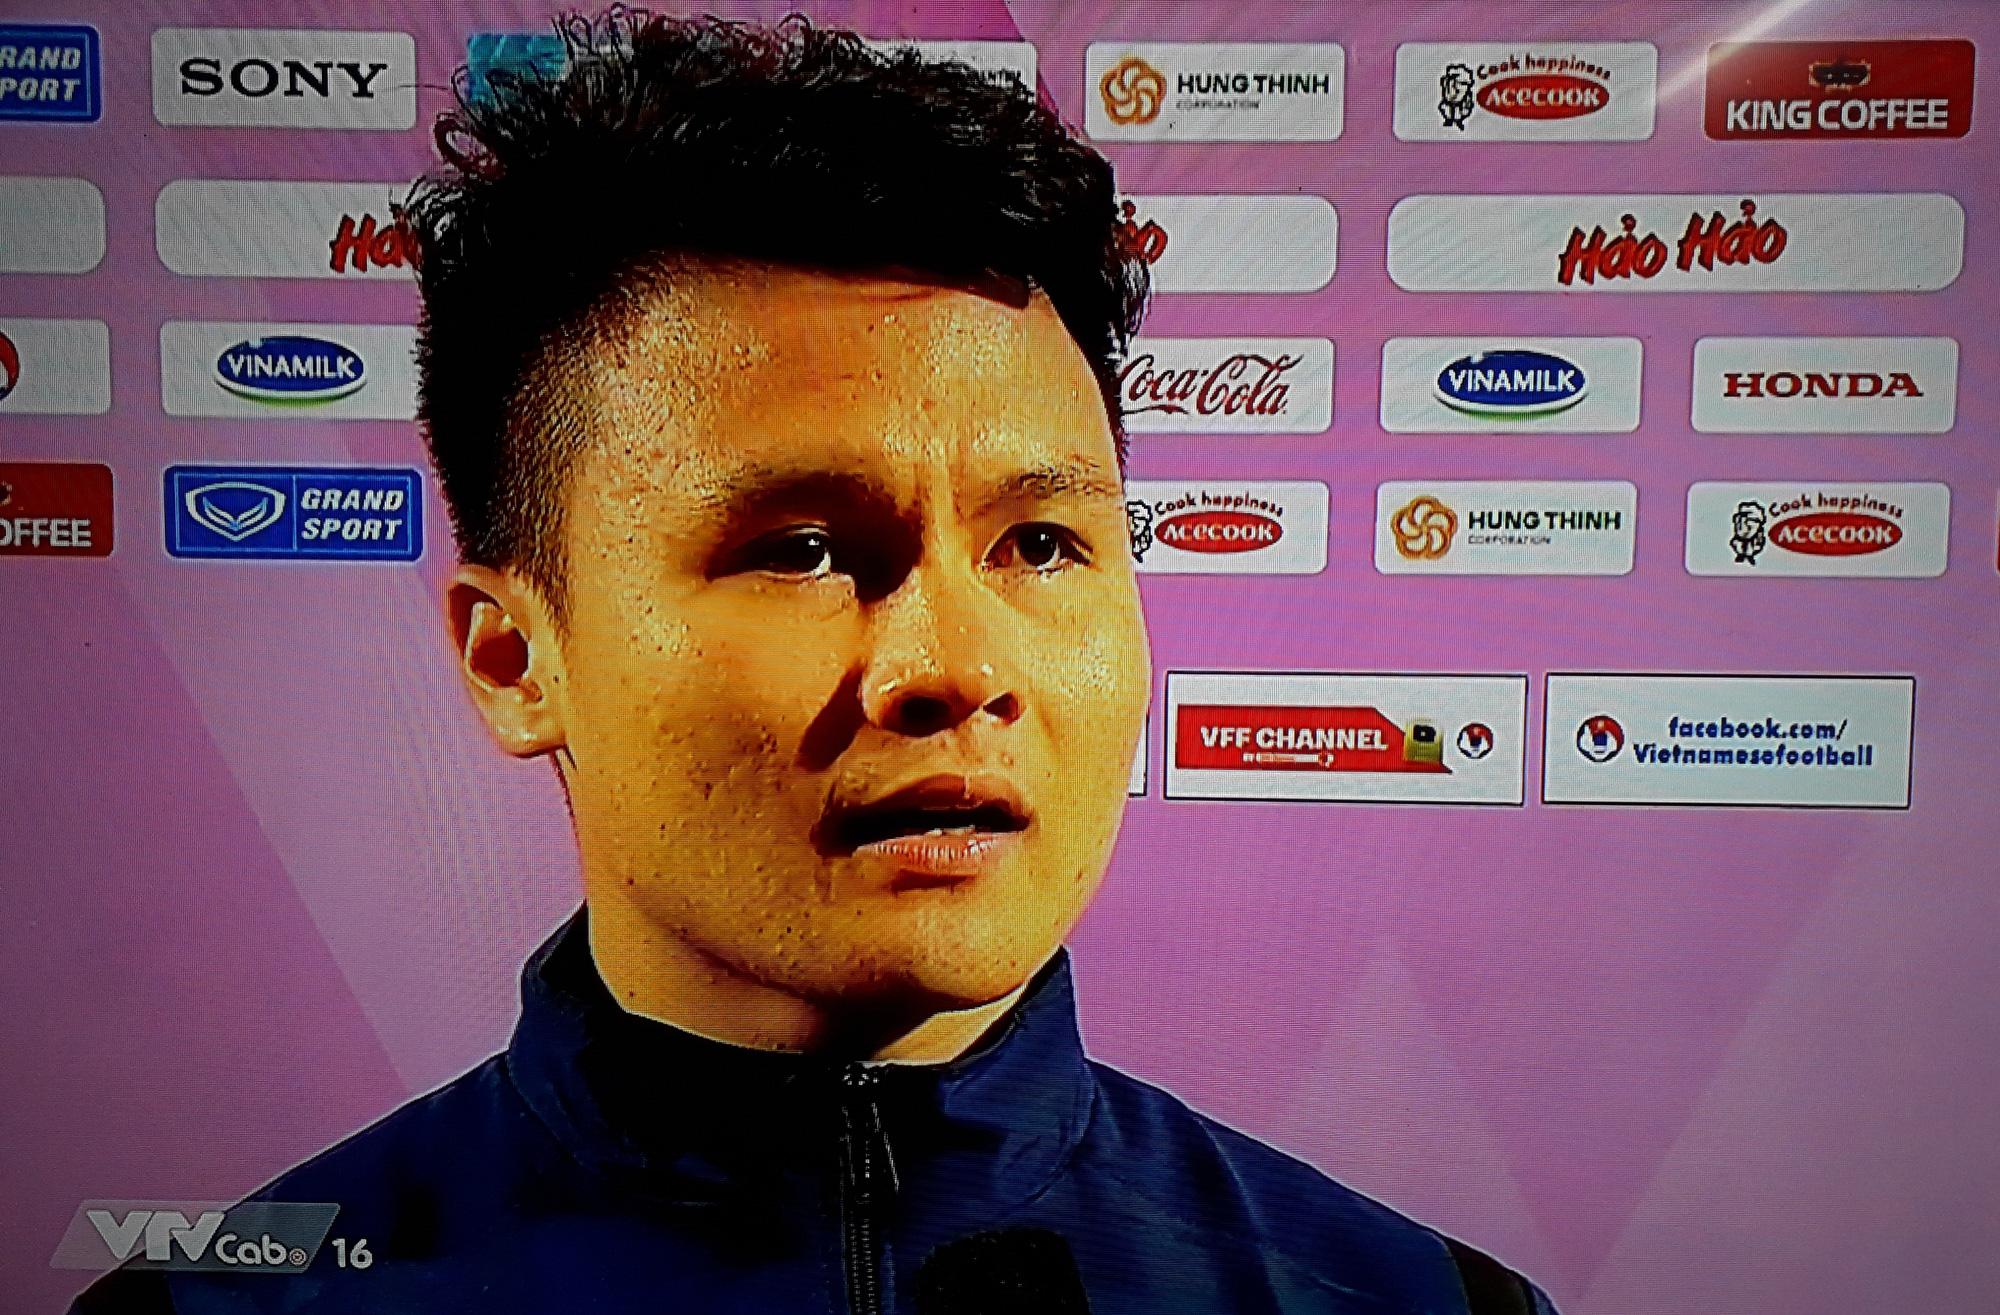 Quang Hải khẳng định anh đã quyết đoán và chính xác trong pha bóng tung người vô-lê ghi bàn.